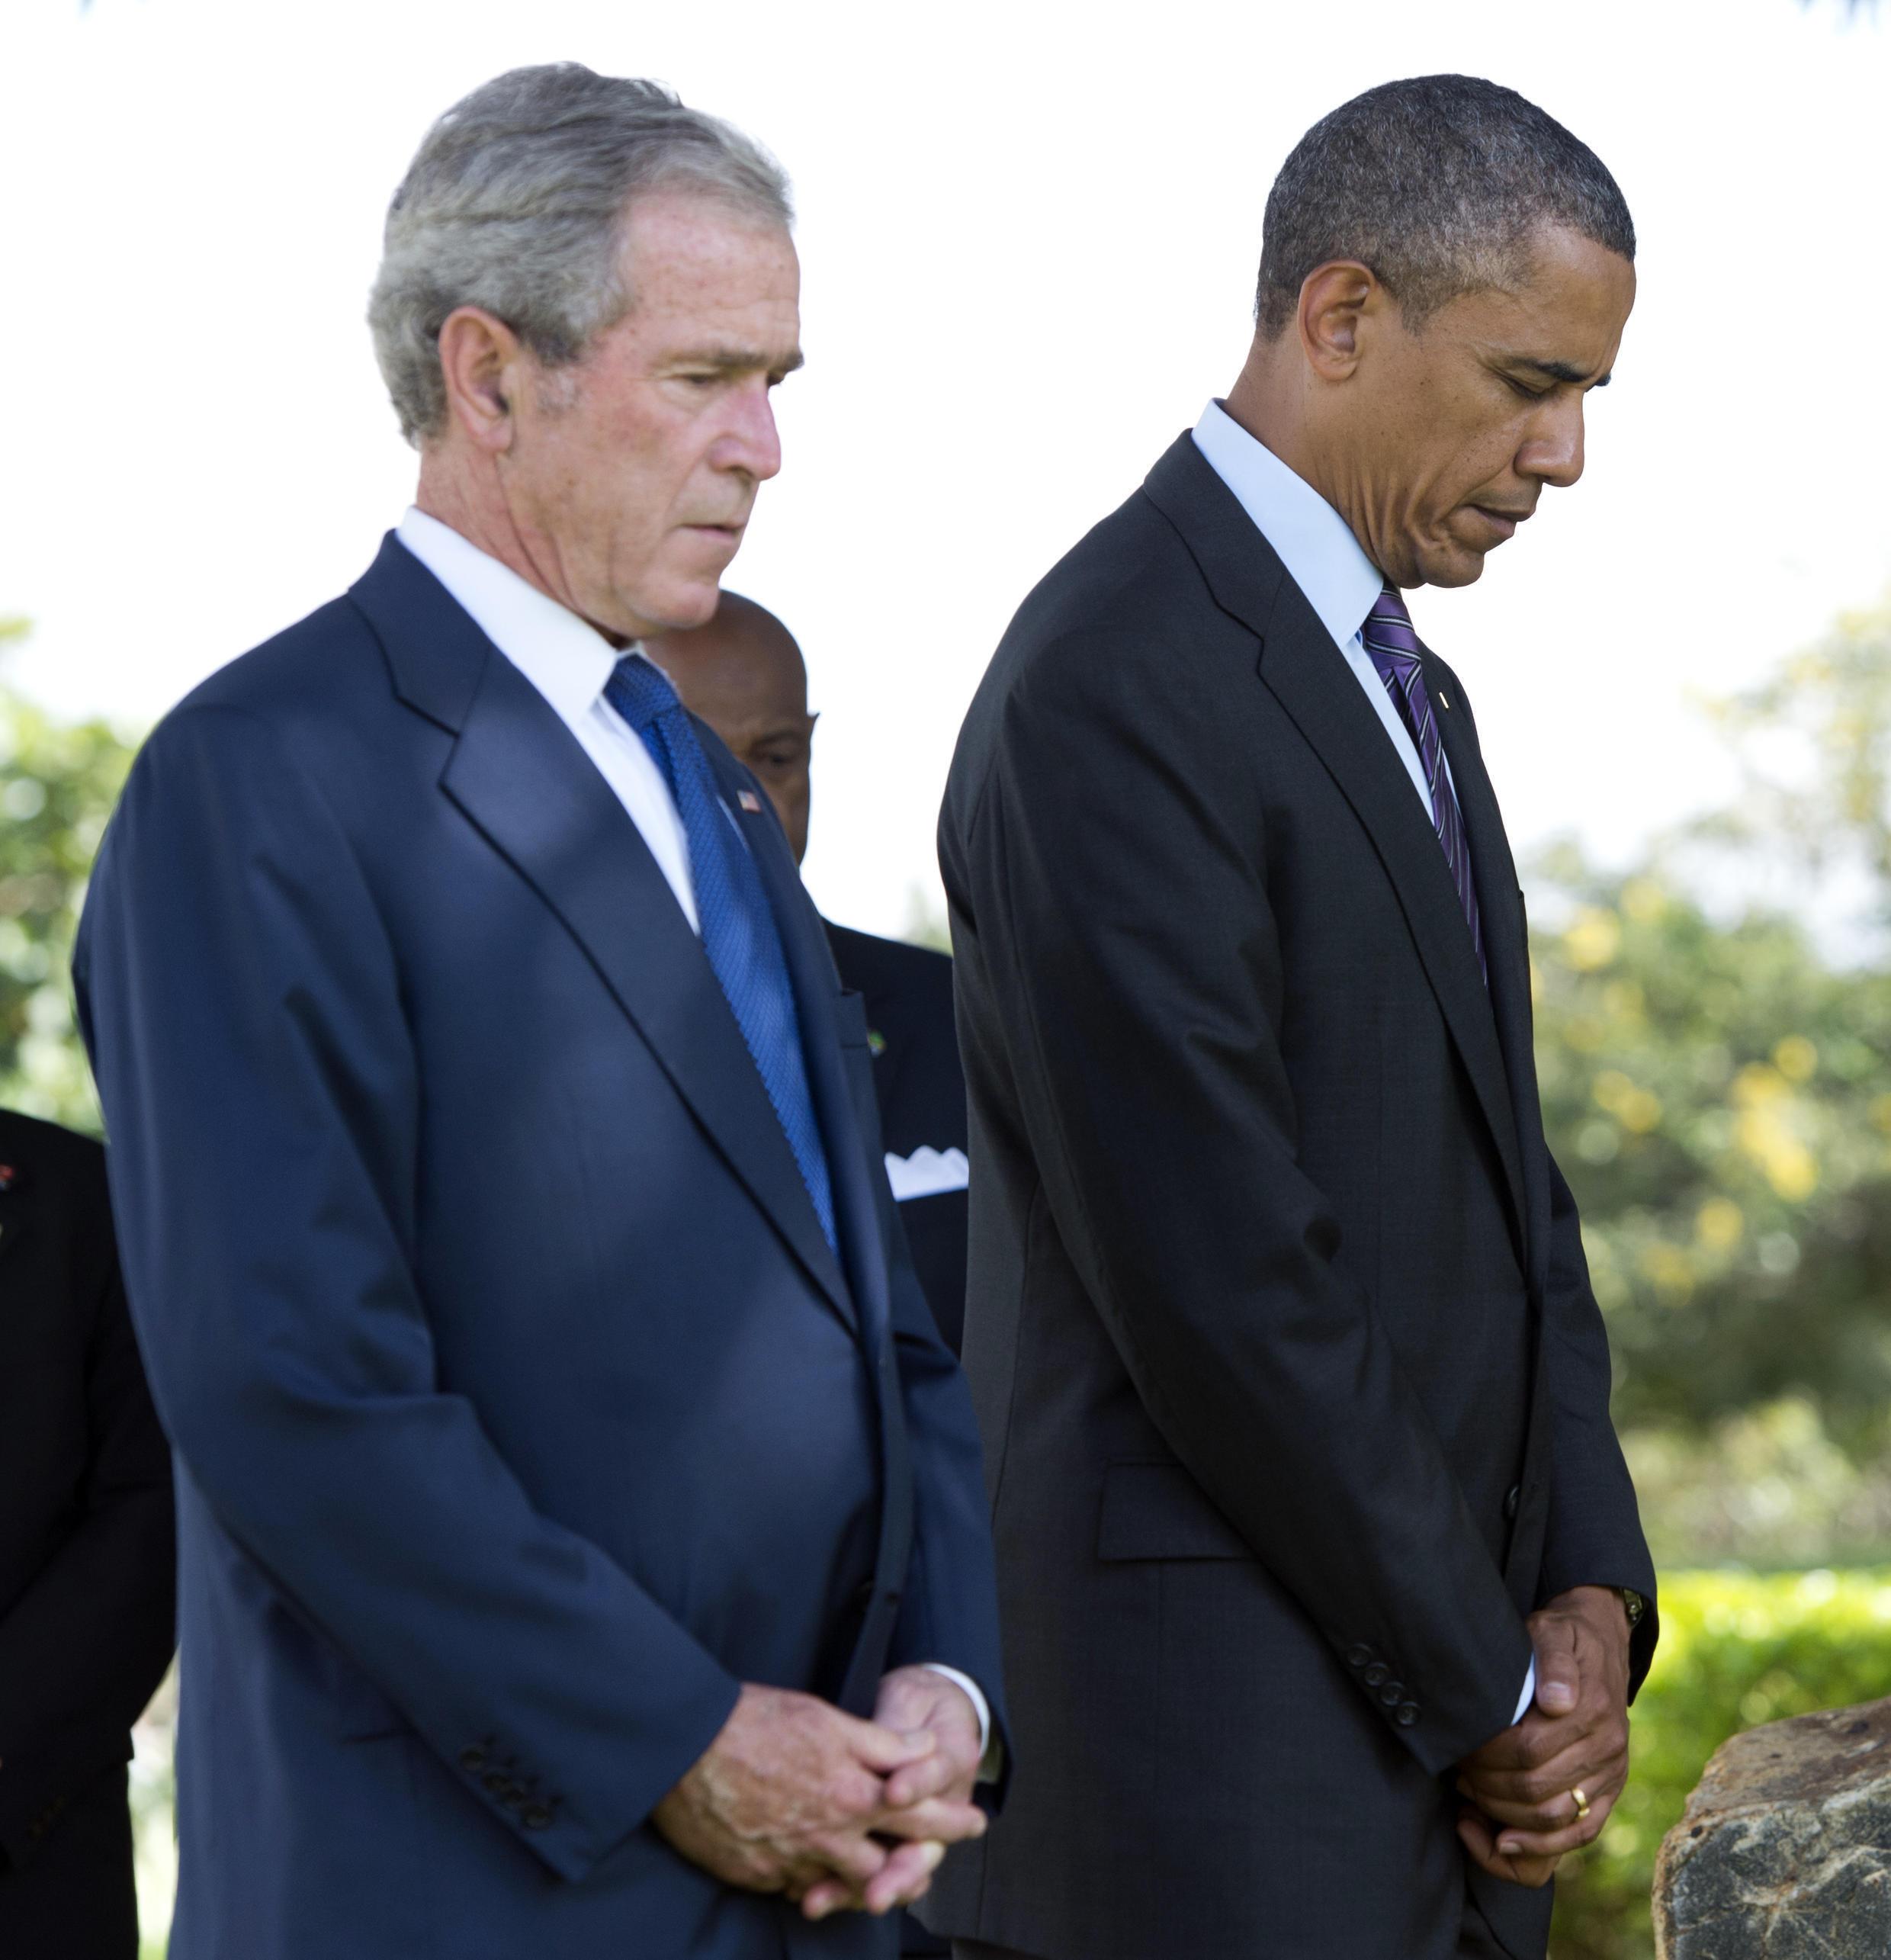 លោកអតីតប្រធានាធិបតីអាមេរិក George W. Bush និងលោក Barack Obama